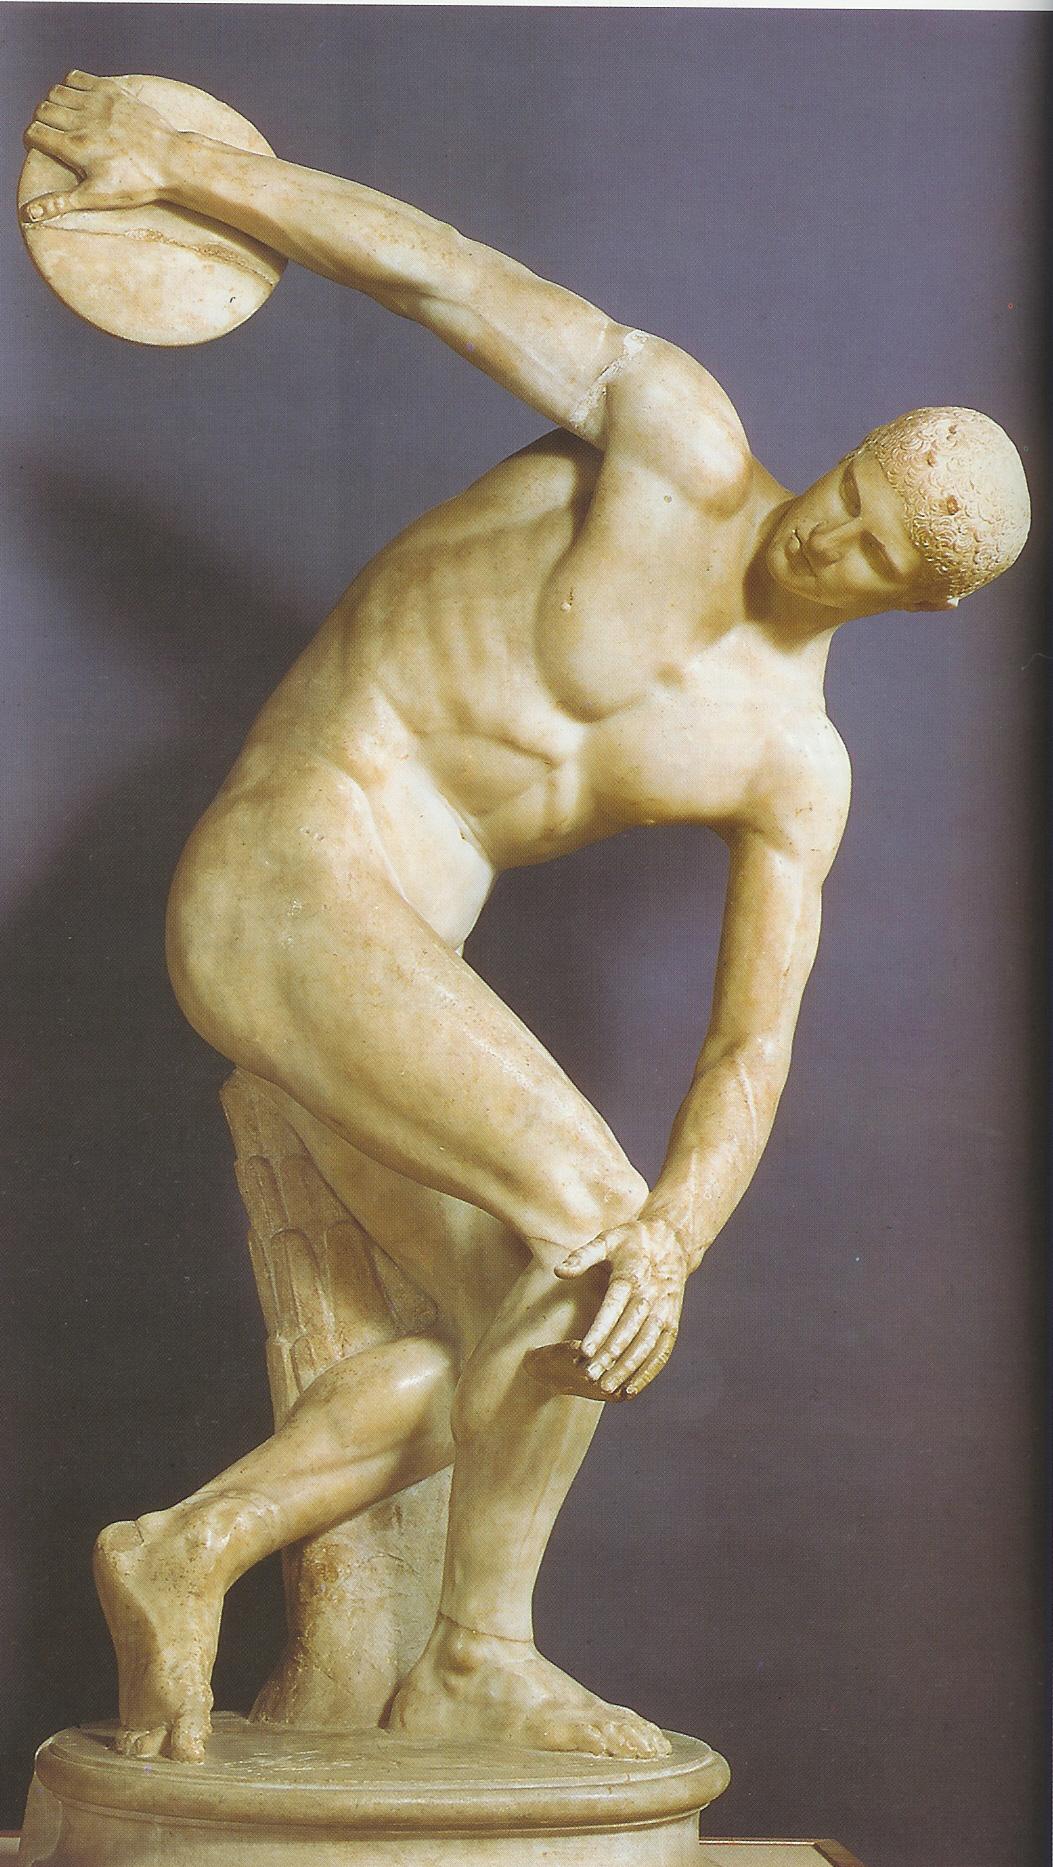 картинки на тему скульптура всегда удобно